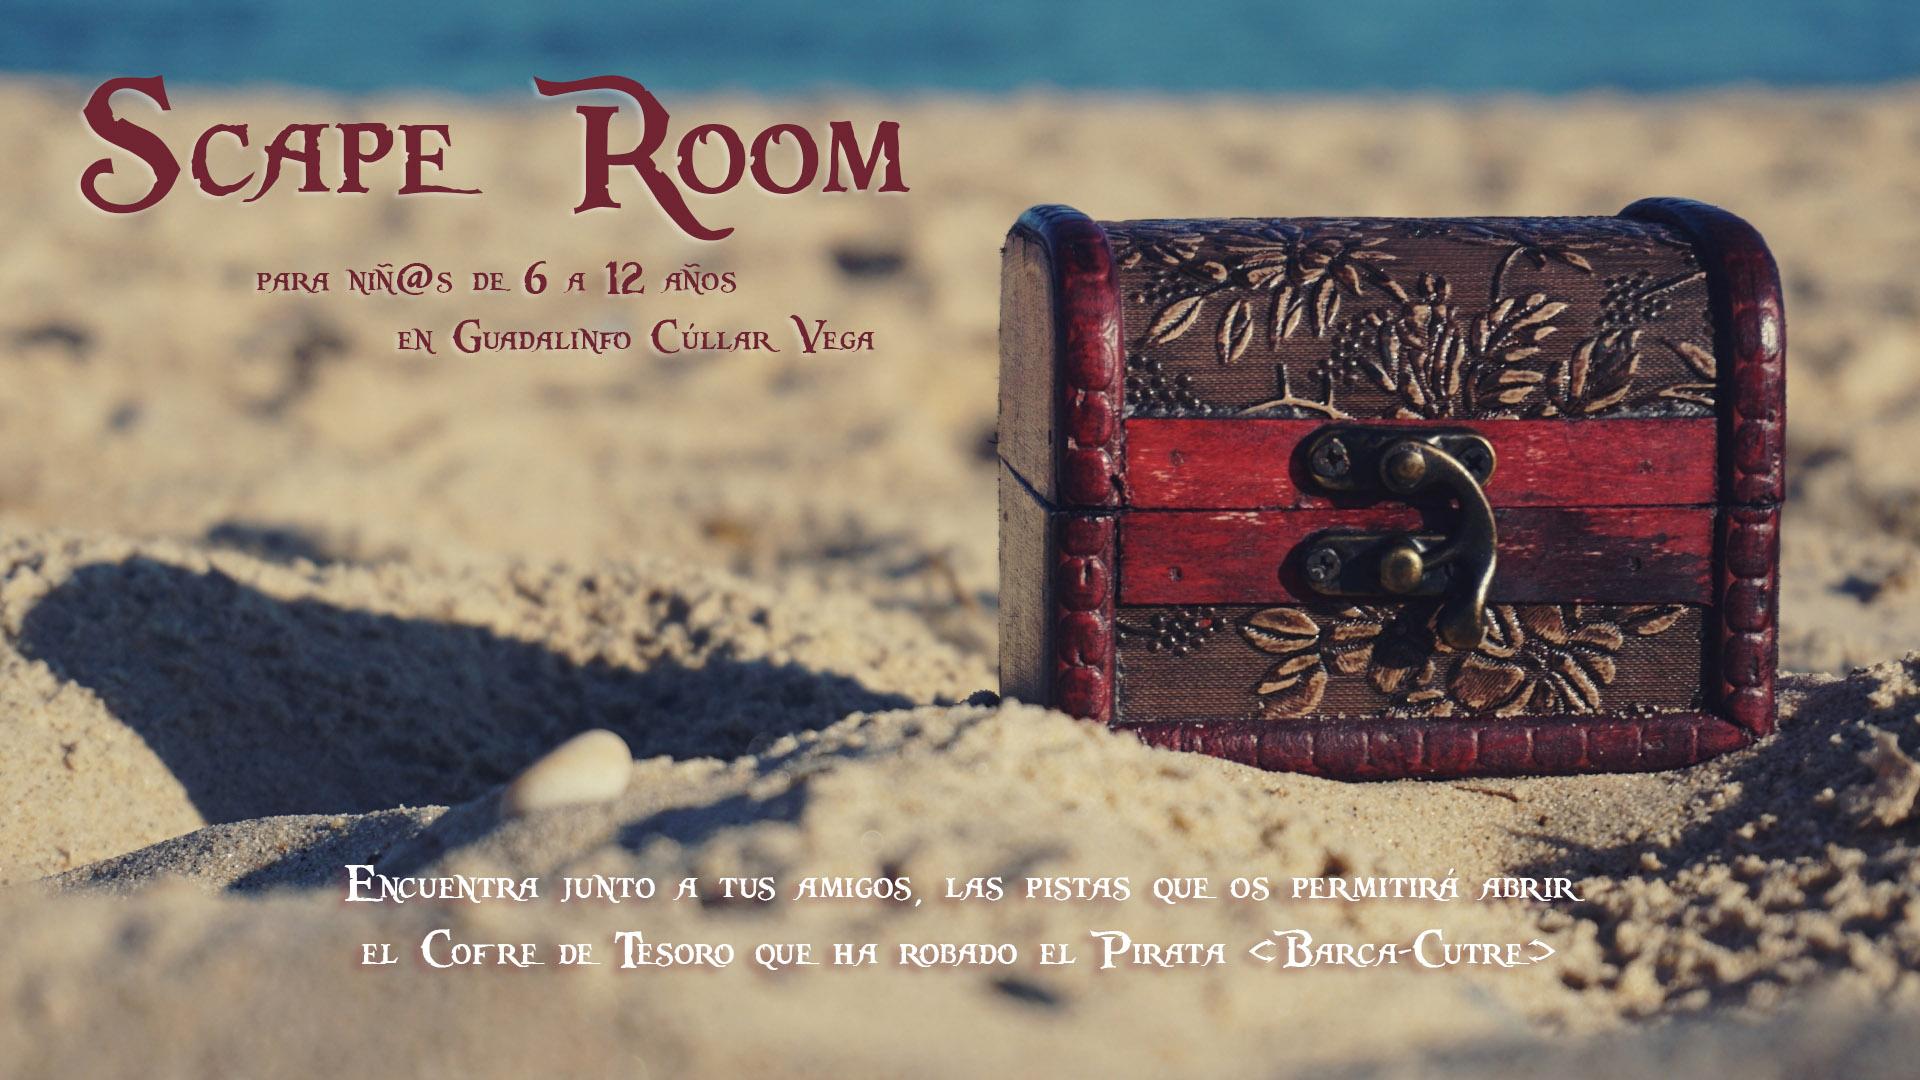 Primer Scape Room para niños/as en el Centro Guadalinfo de Cúllar Vega